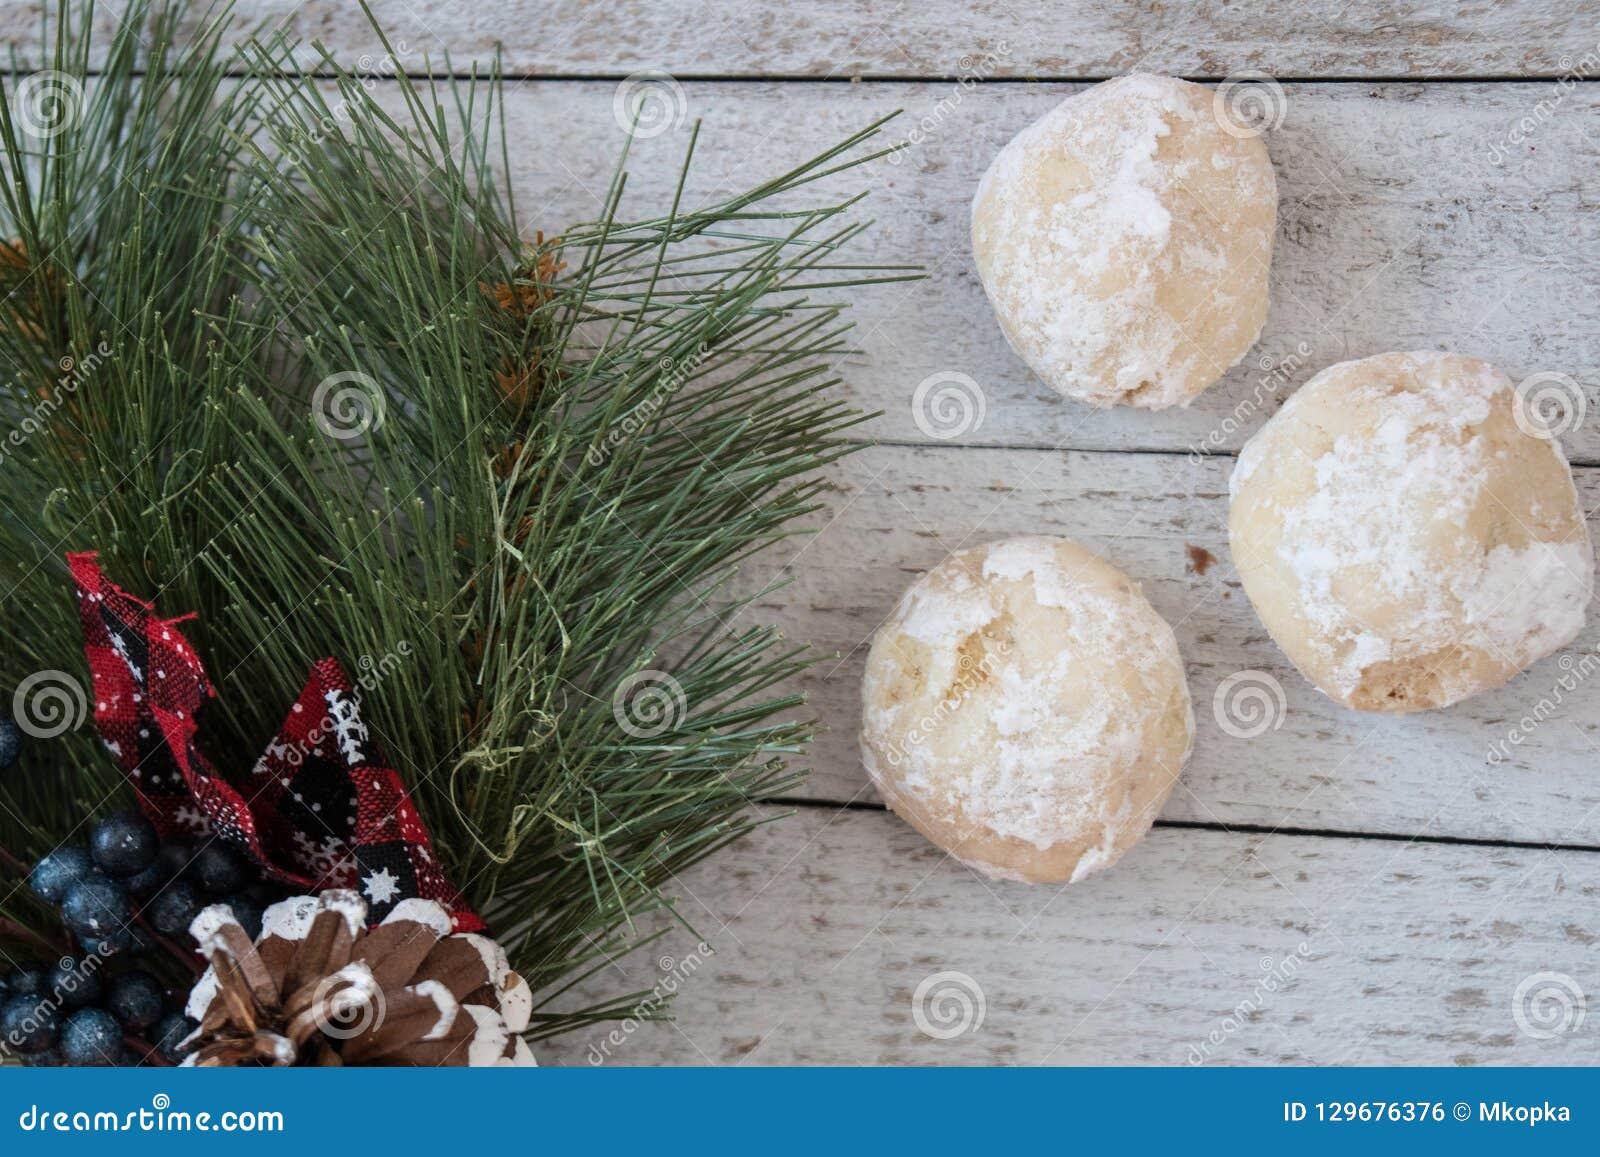 Το σπιτικό ρωσικό τσάι συσσωματώνει επίσης γνωστός ως μεξικάνικα γαμήλια μπισκότα, υπόβαθρο Χριστουγέννων